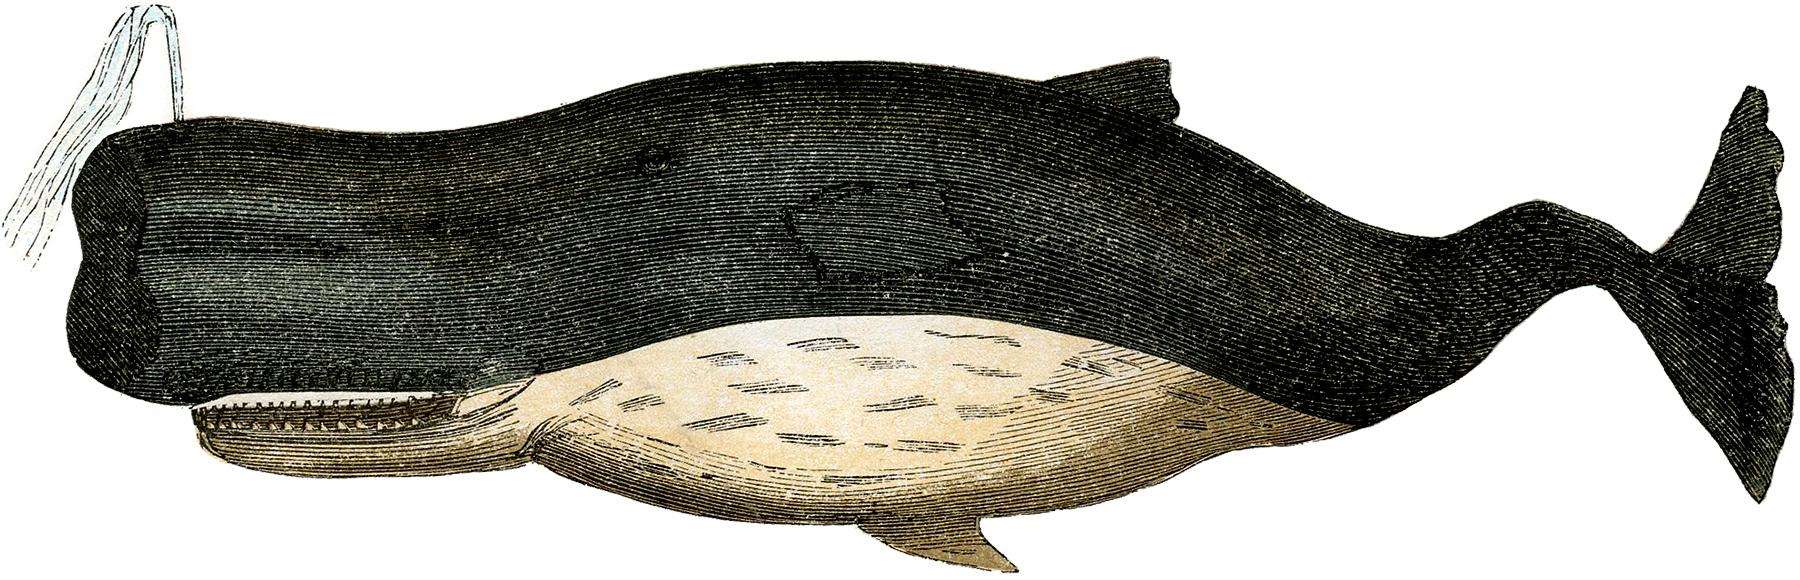 Винтажно изображение (рисунок) кита (кашалота)